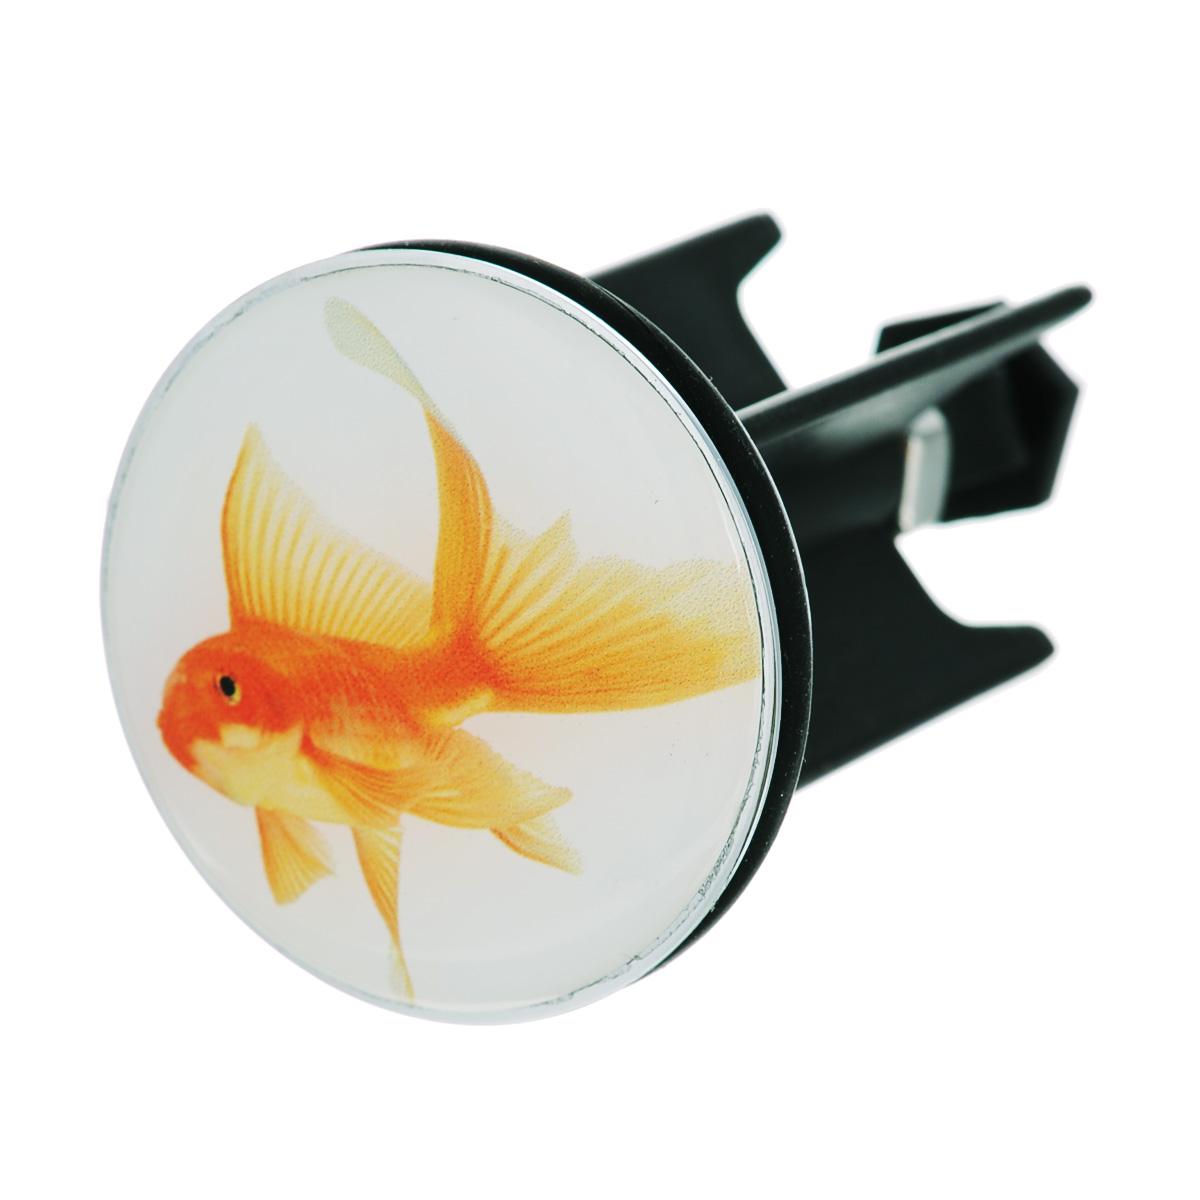 Пробка для раковины Wenko Fish, диаметр 4 см20765100